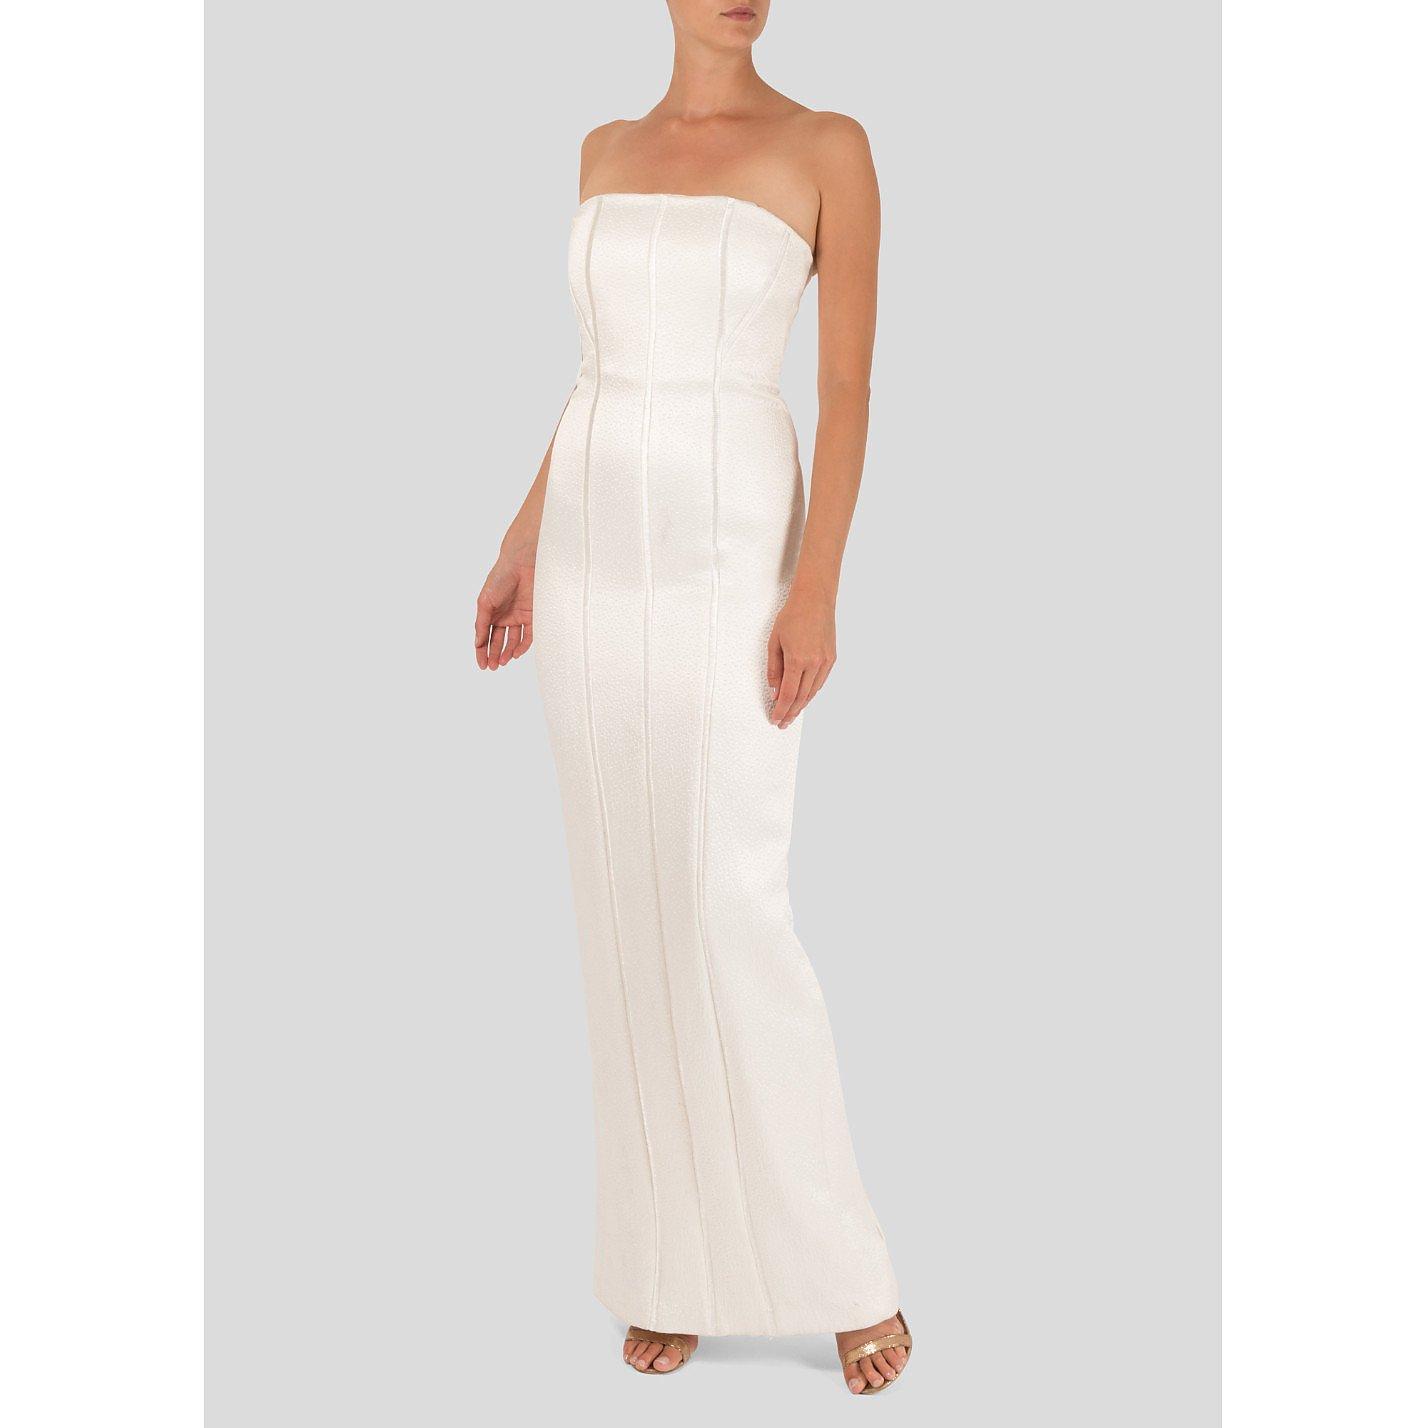 Amanda Wakeley Bridal The Elodie Bridal Dress